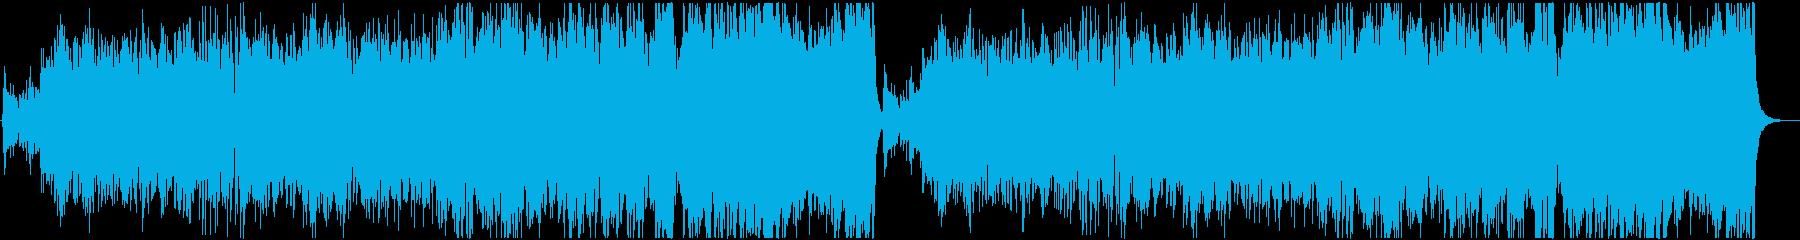 民族調フィールド曲の再生済みの波形